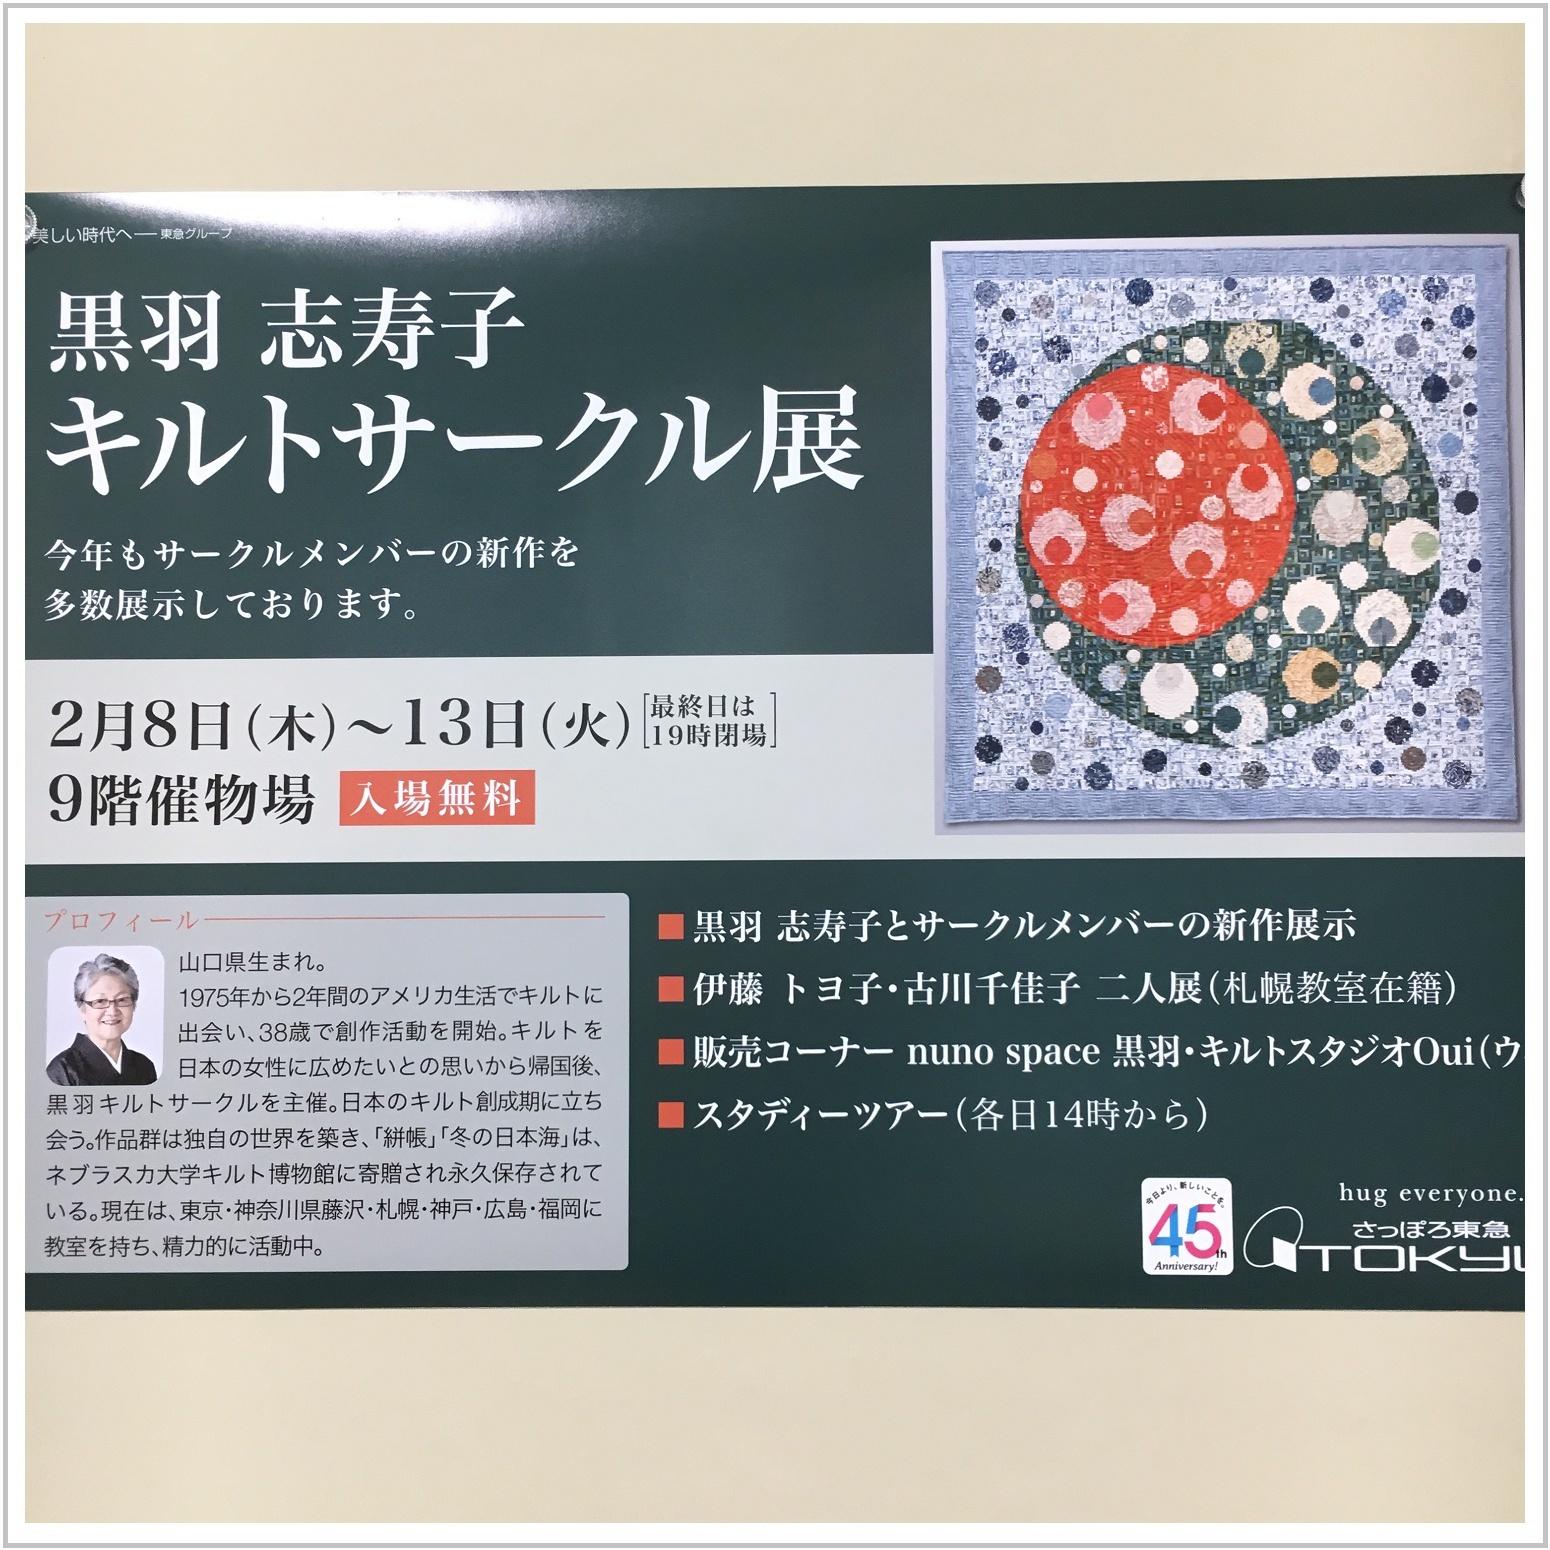 circleten_1_208.jpg